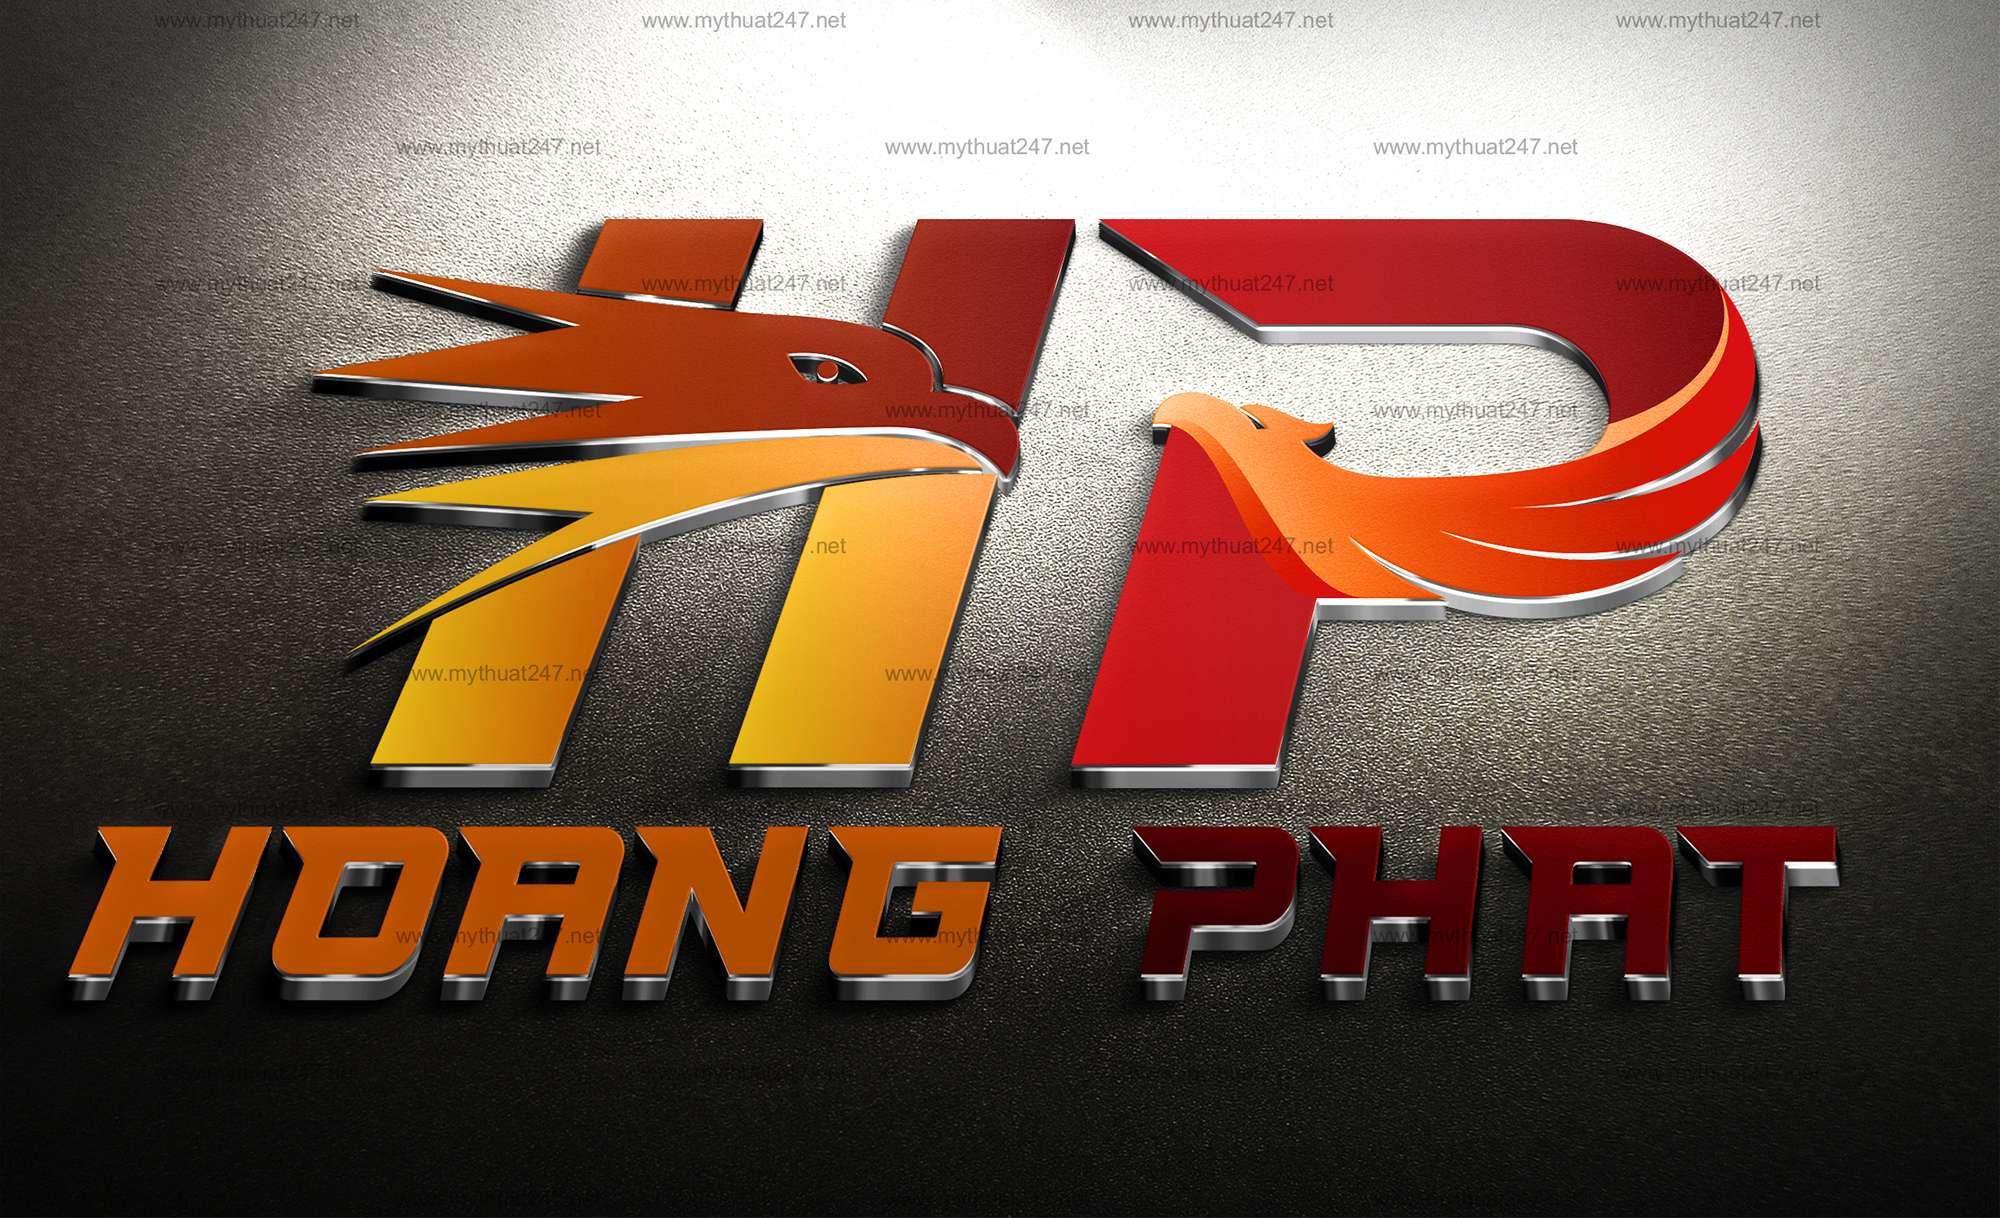 Thiết kế logo công ty tnhh hoàng phát